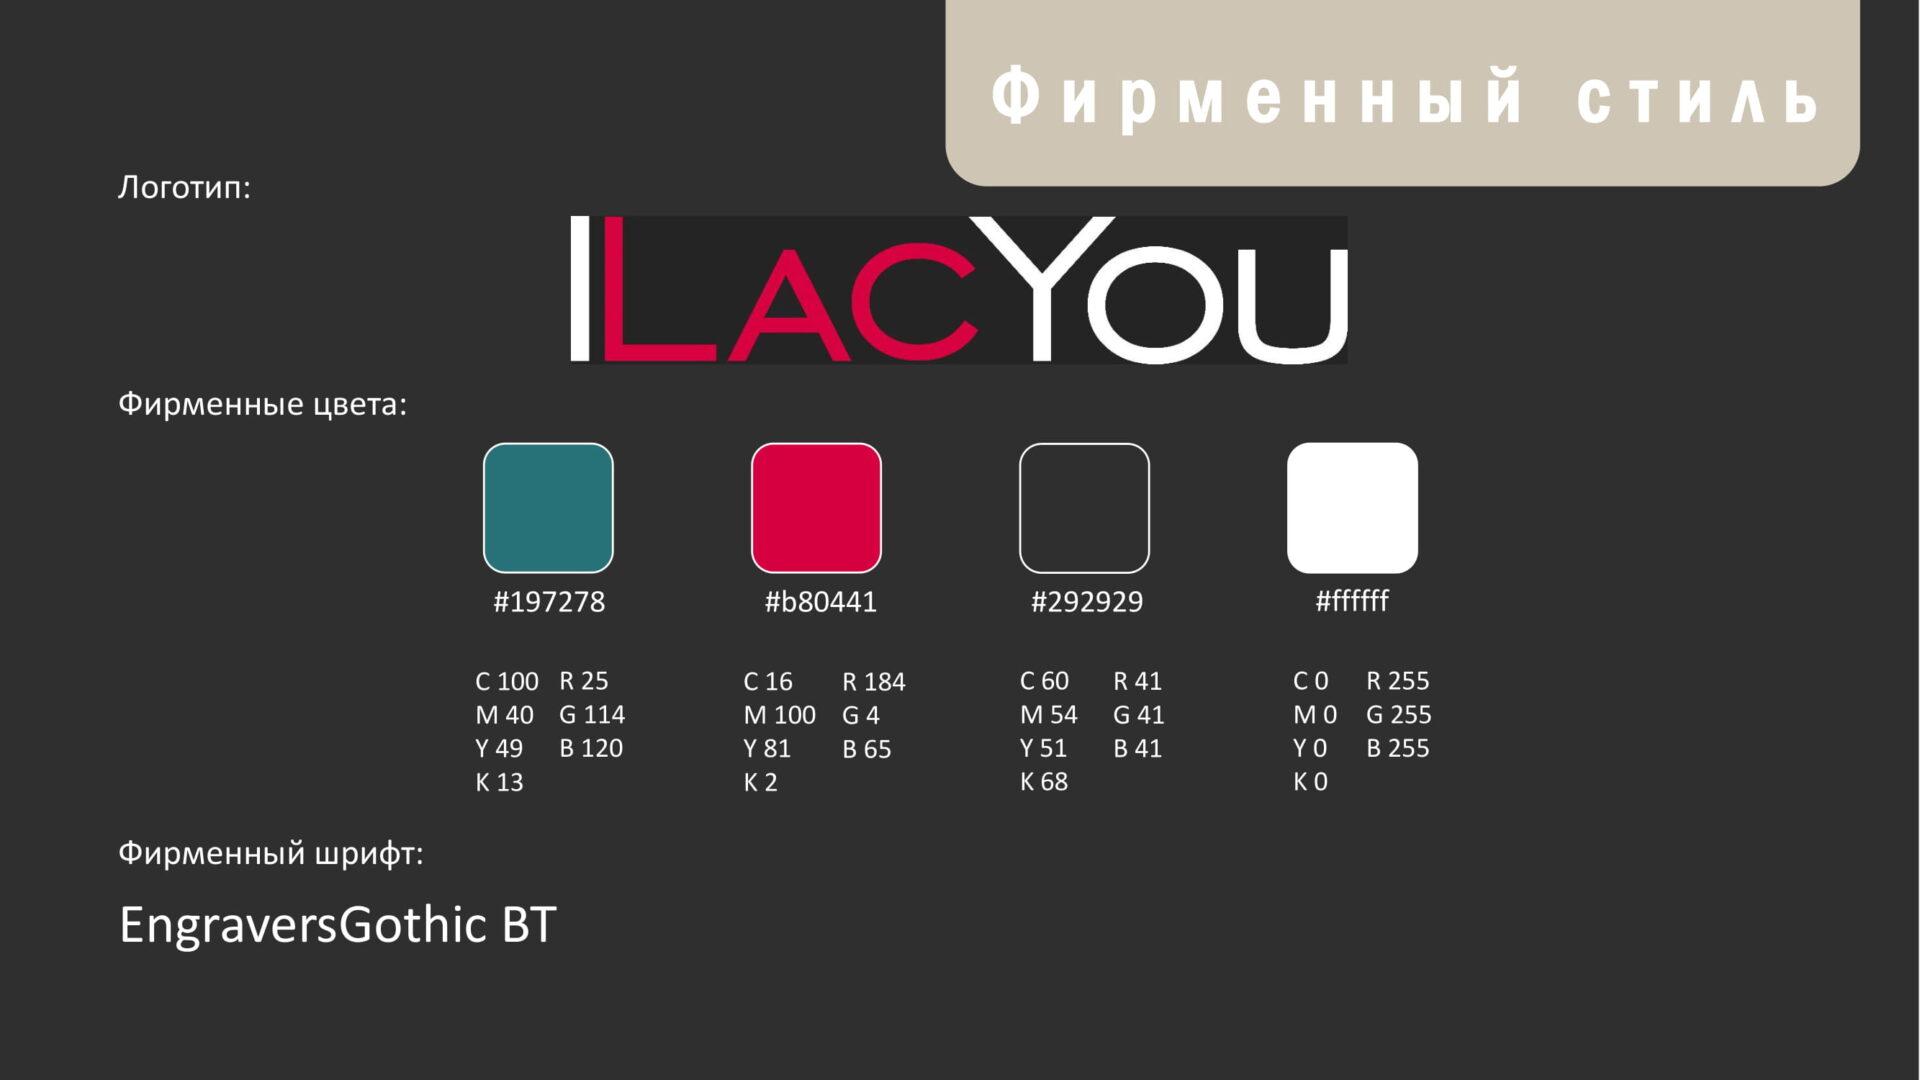 Презентация I Lac You-02